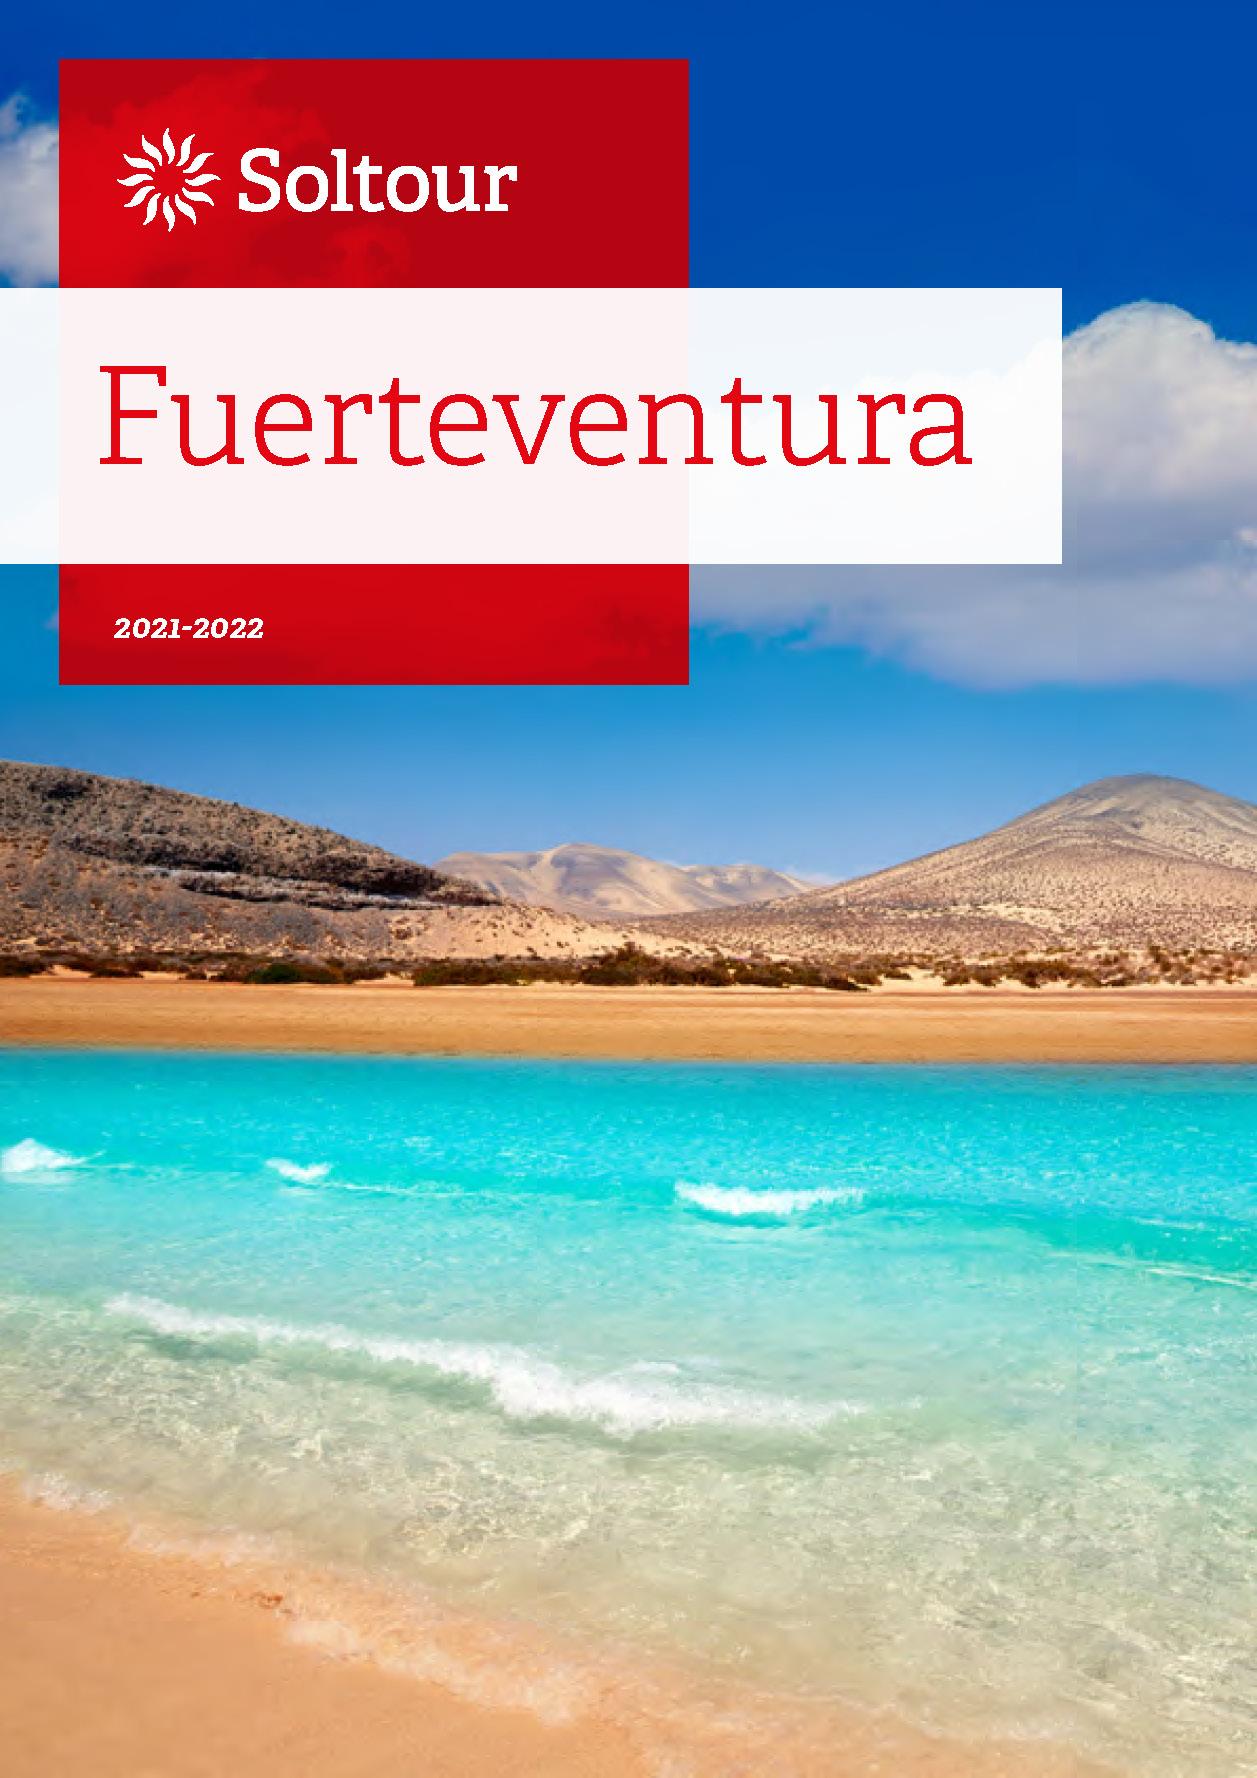 Catalogo Soltour Fuerteventura 2021-2022